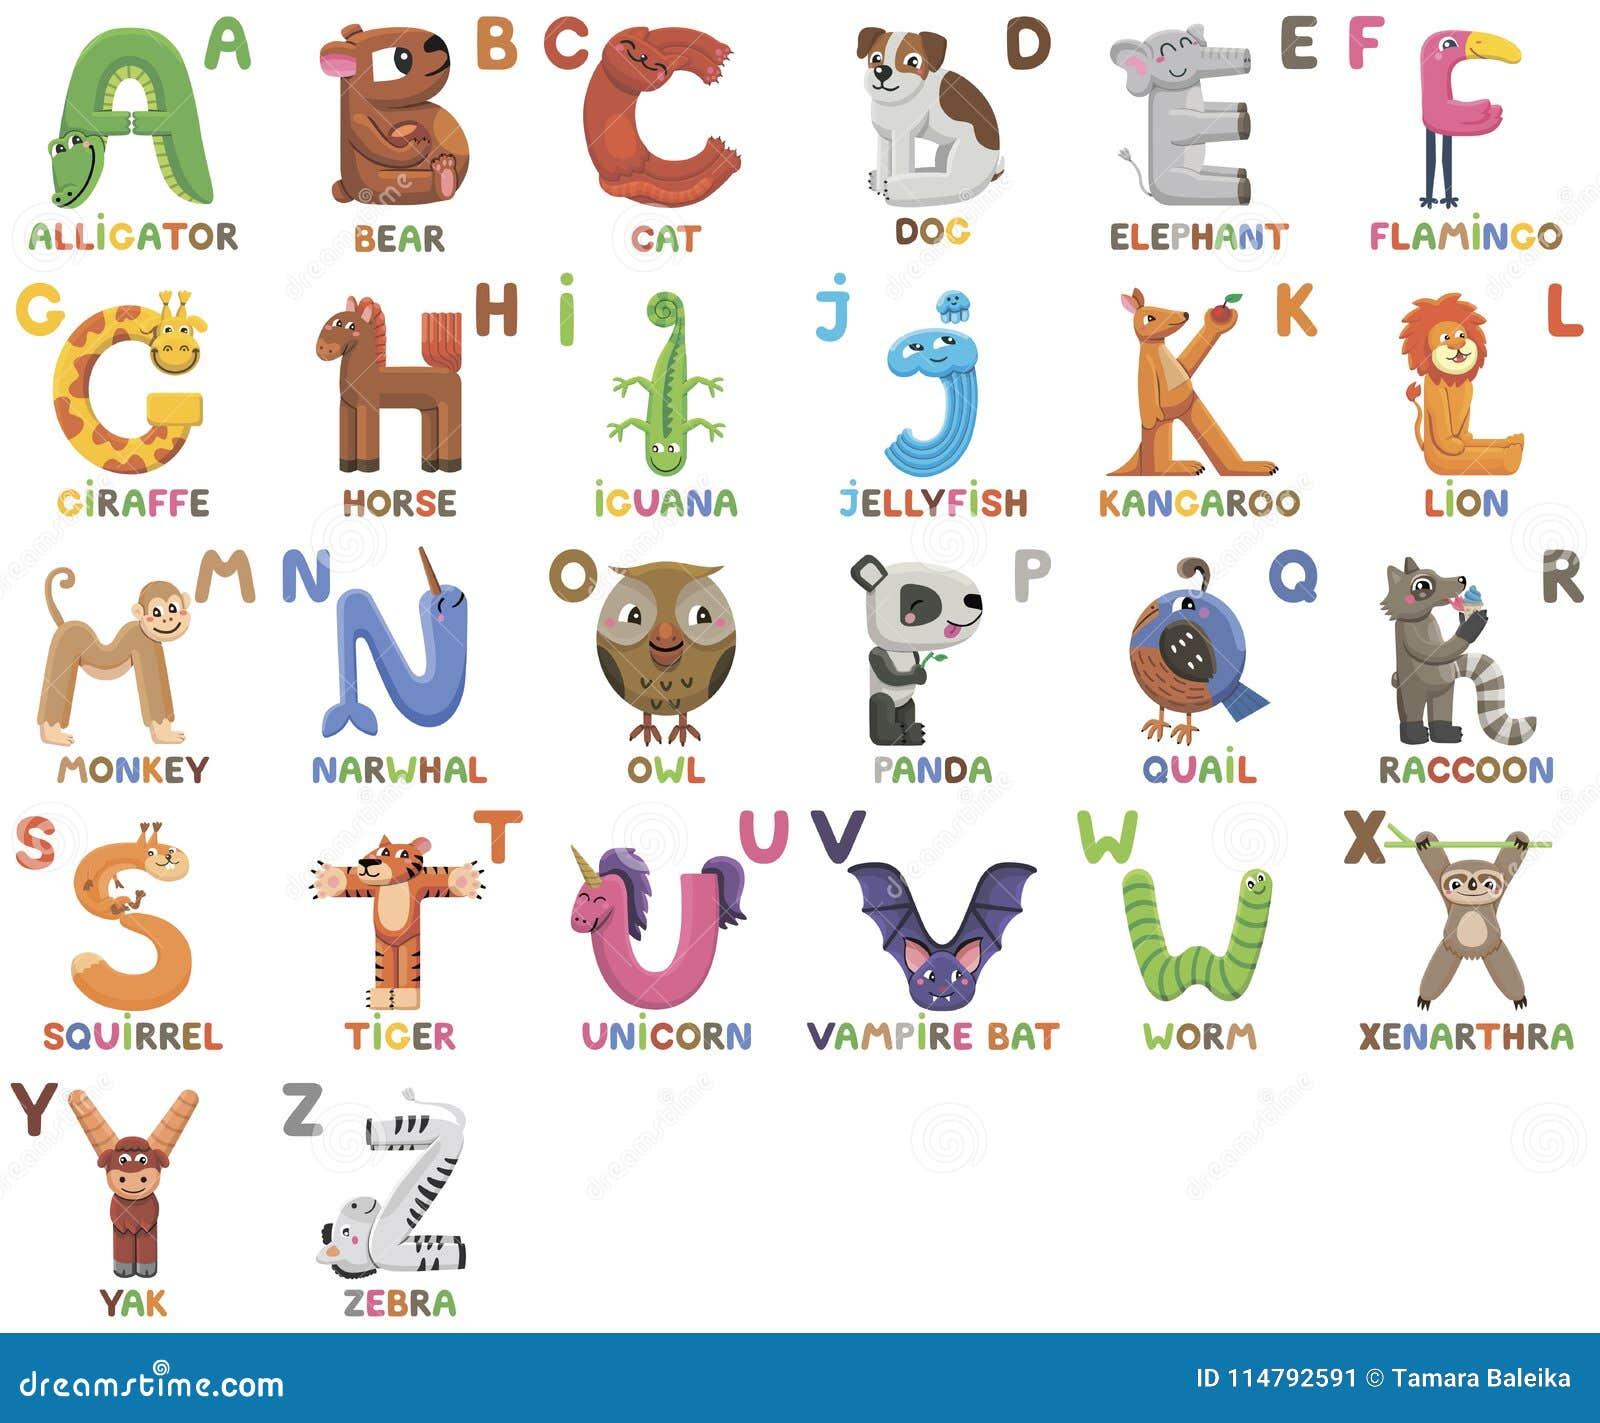 Alfabeto dello zoo alfabeto animale lettere da a alla z - Immagini di animali dello zoo per bambini ...